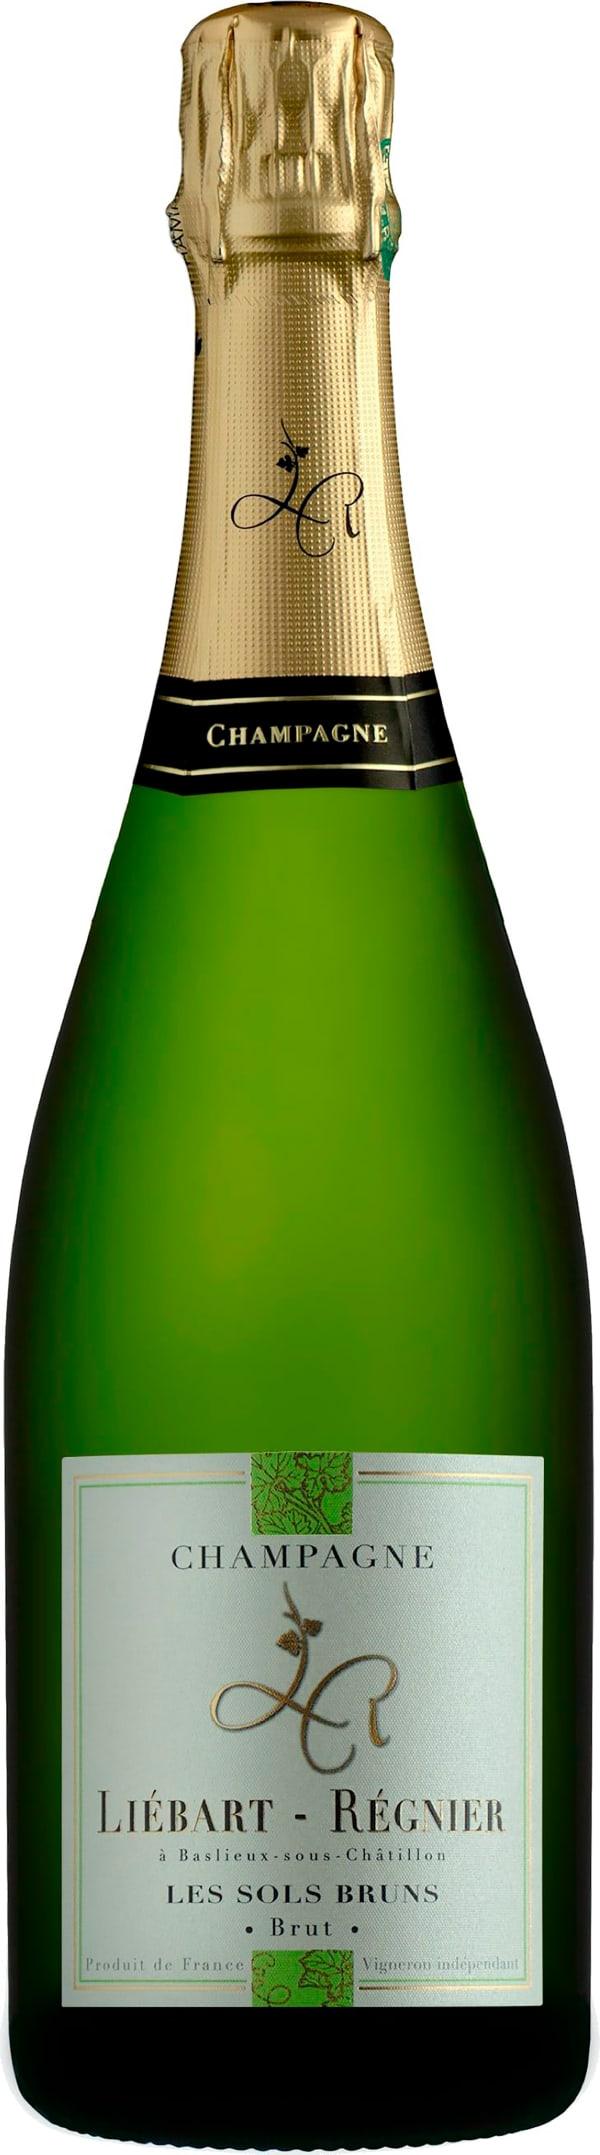 Liébart-Régnier Les Sols Bruns Champagne Brut